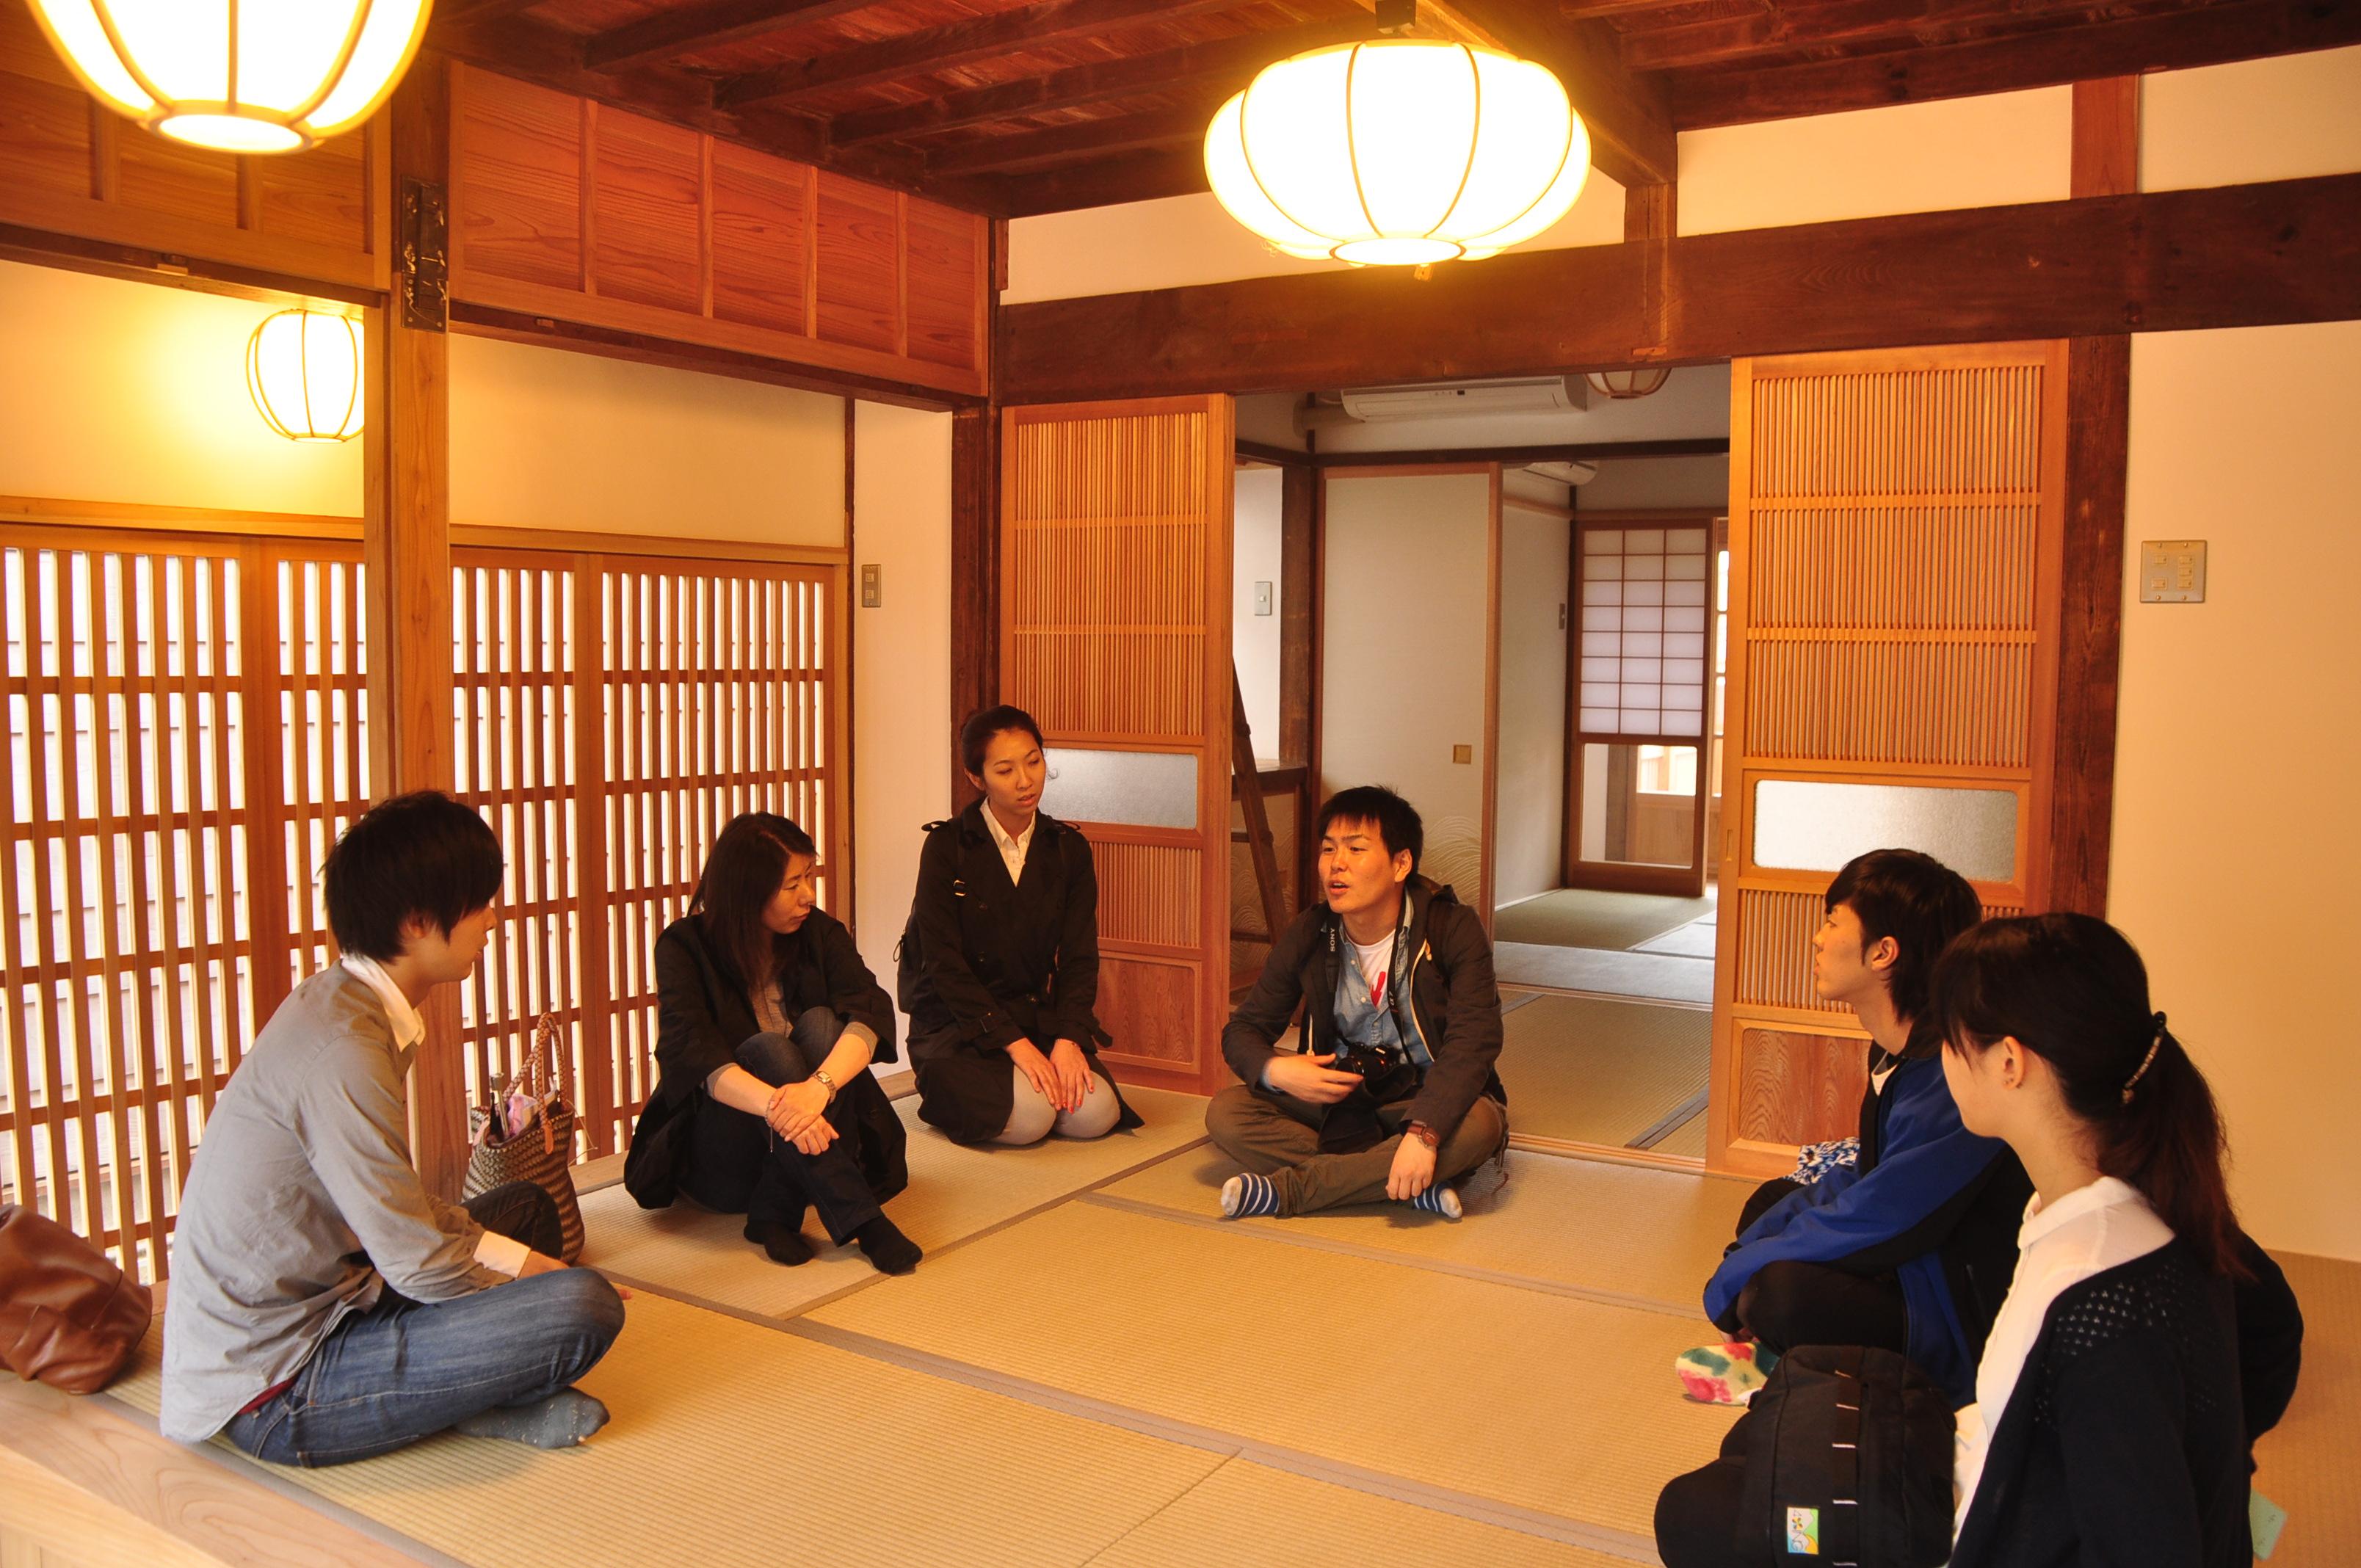 http://ud.t.u-tokyo.ac.jp/blog/_images/DSC_2038.JPG